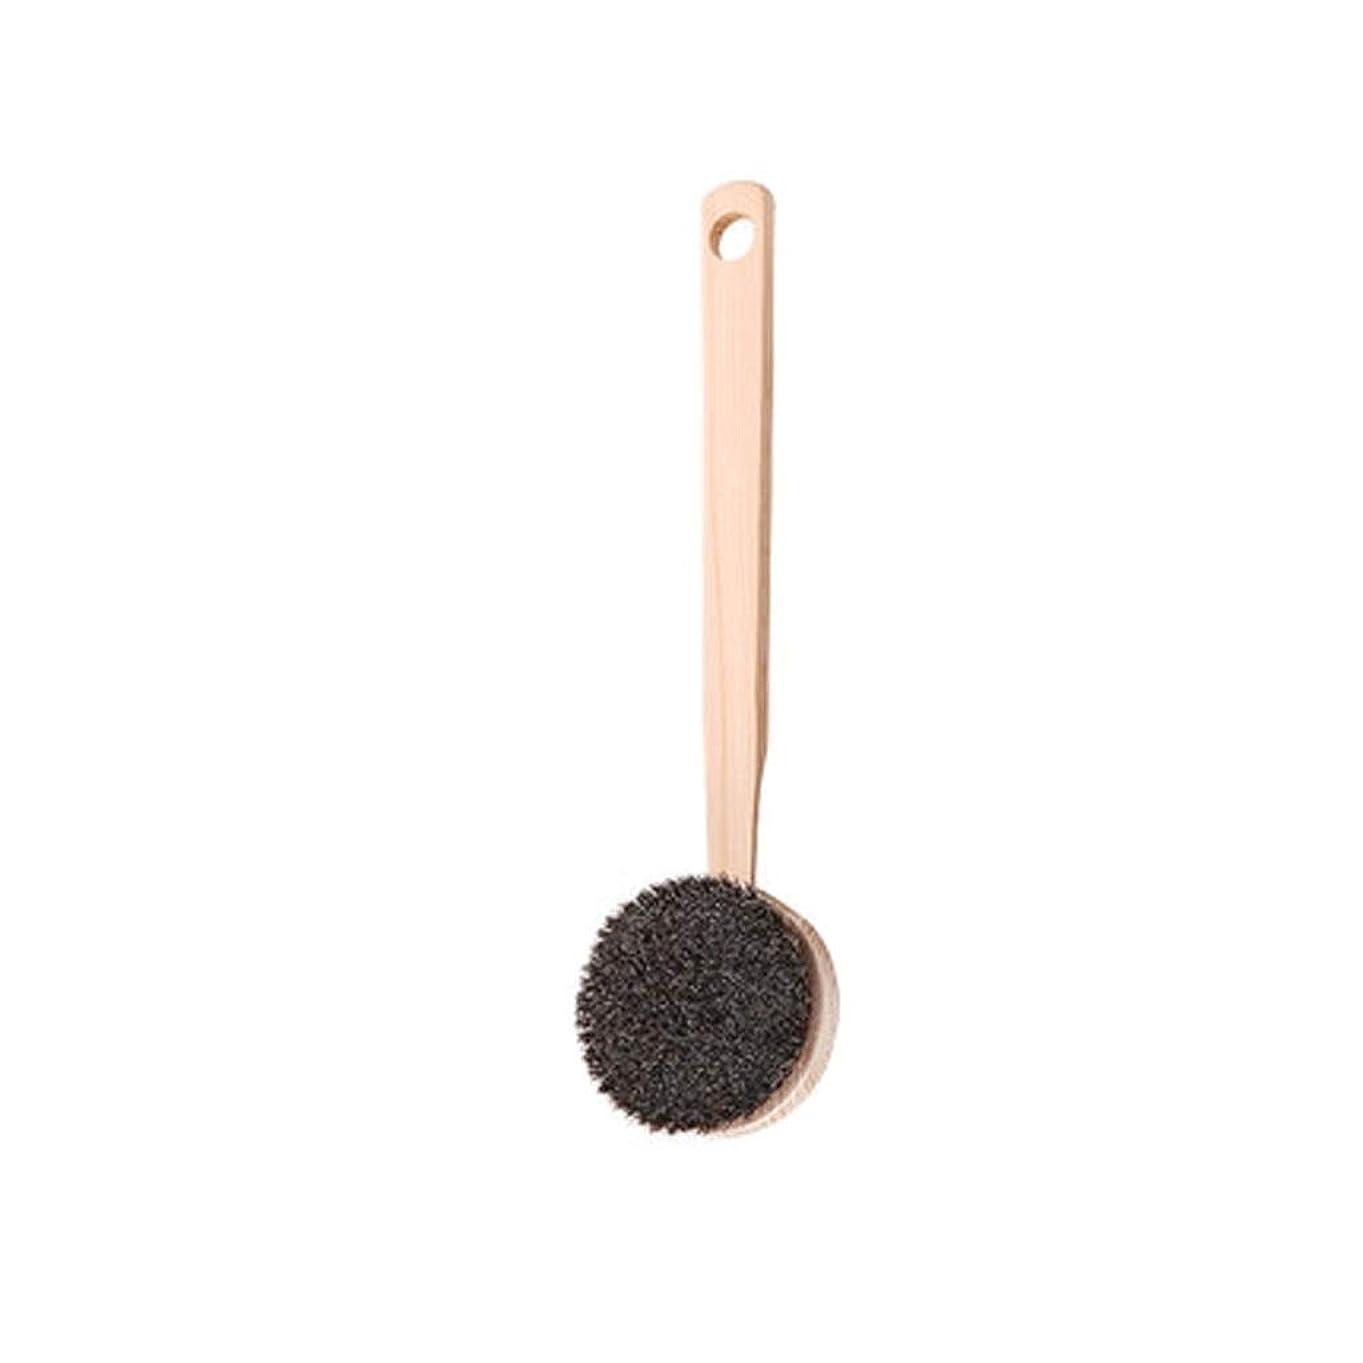 ノートボットブリリアントバスブラシバックブラシロングハンドルやわらかい毛髪バスブラシバスブラシ角質除去クリーニングブラシ (Color : A)